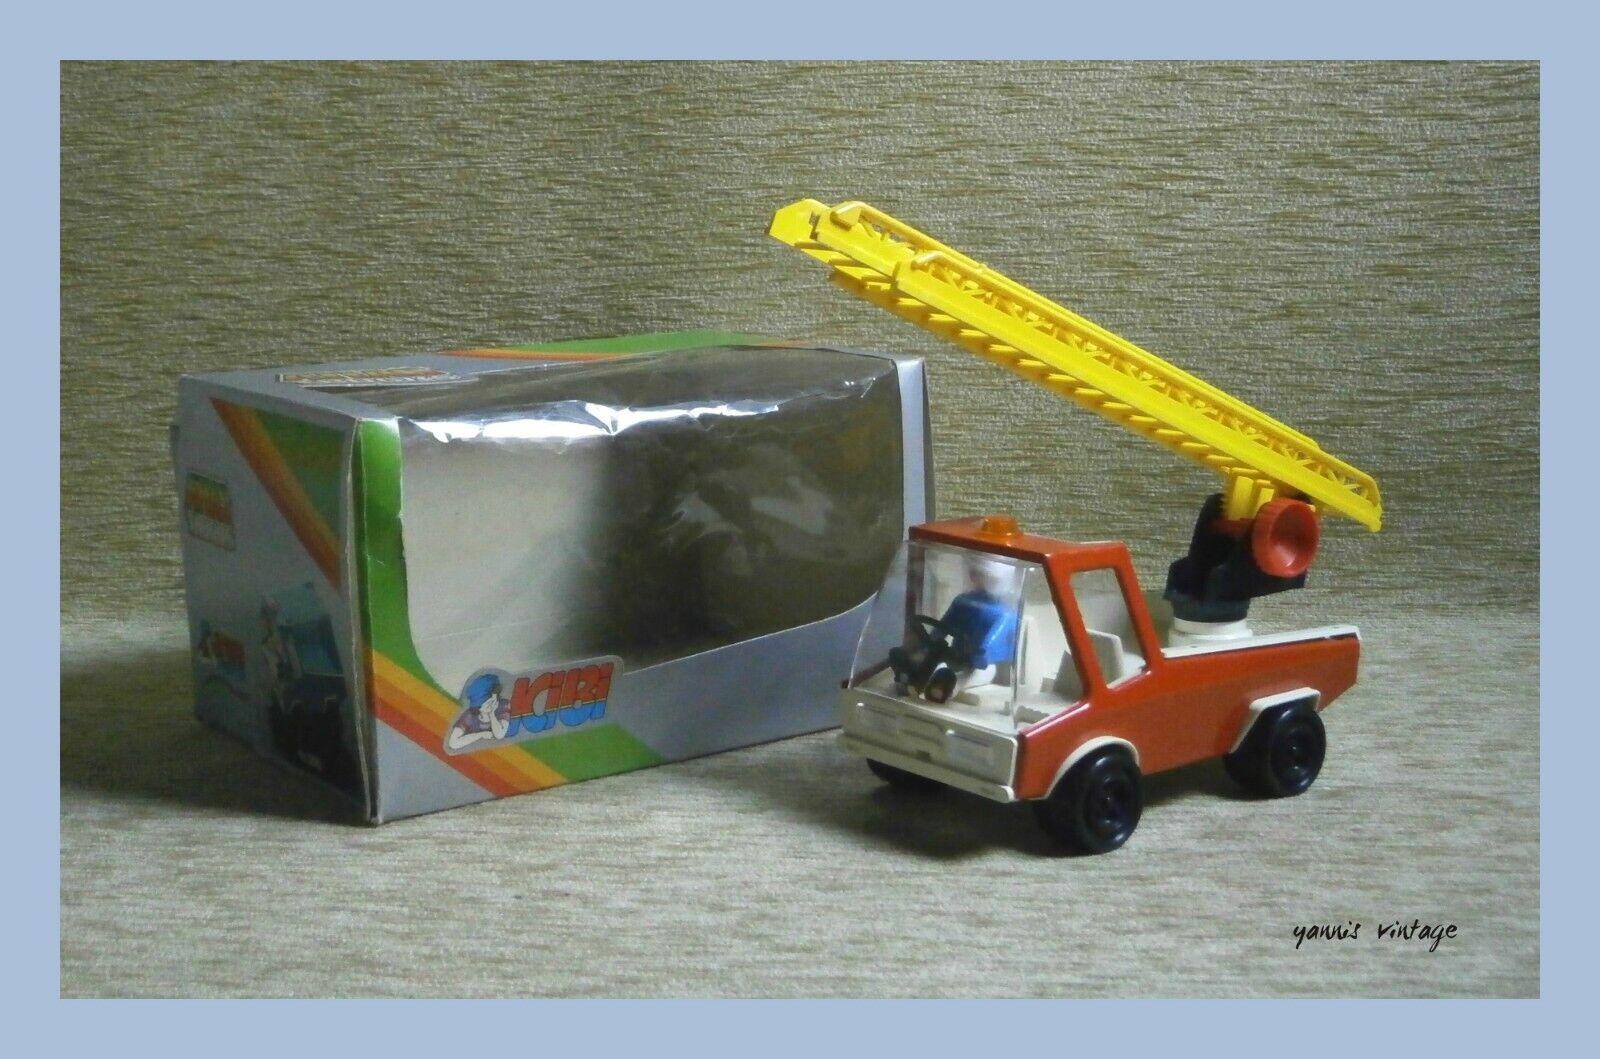 Atlas Camión Nuevo en Caja Estaño & plástico hecho en Grecia Kibi griego Vintage Raro